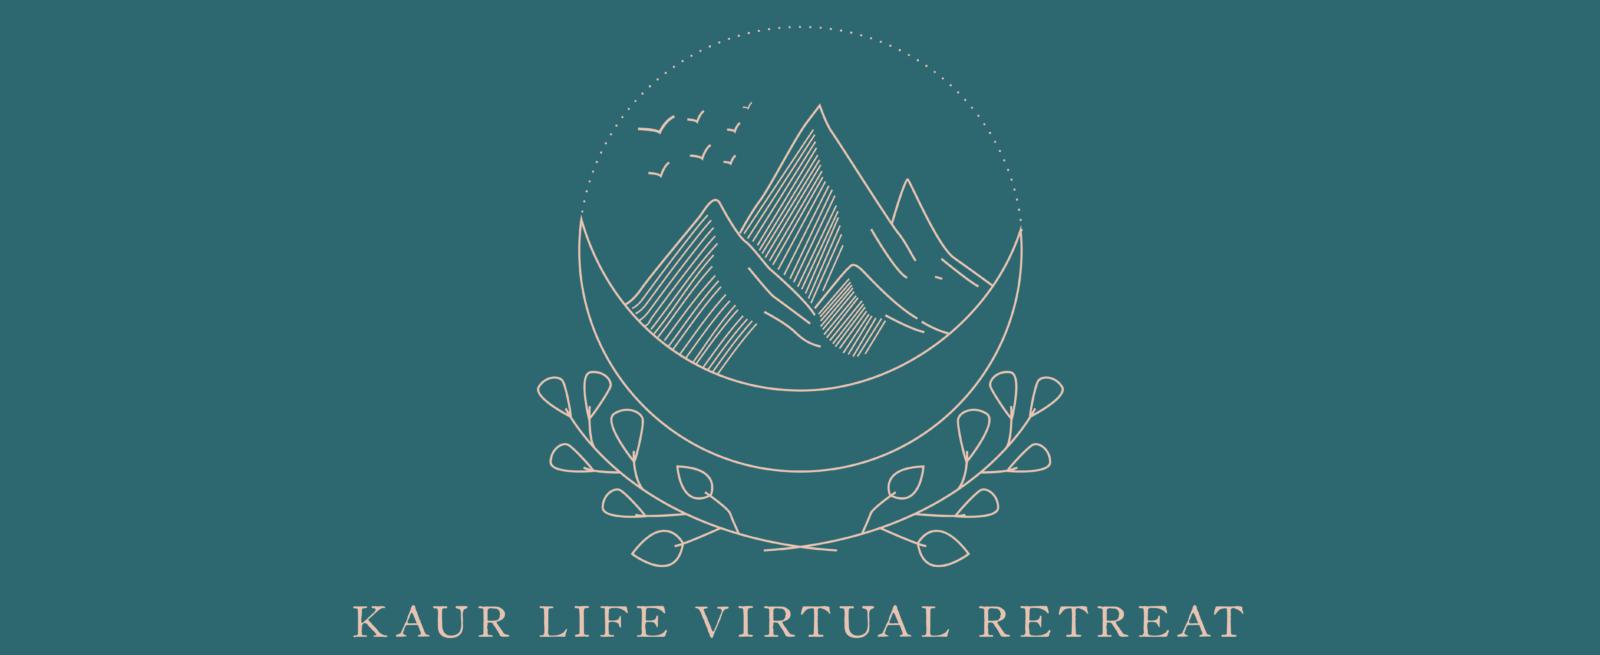 Kaur Life Virtual Retreat